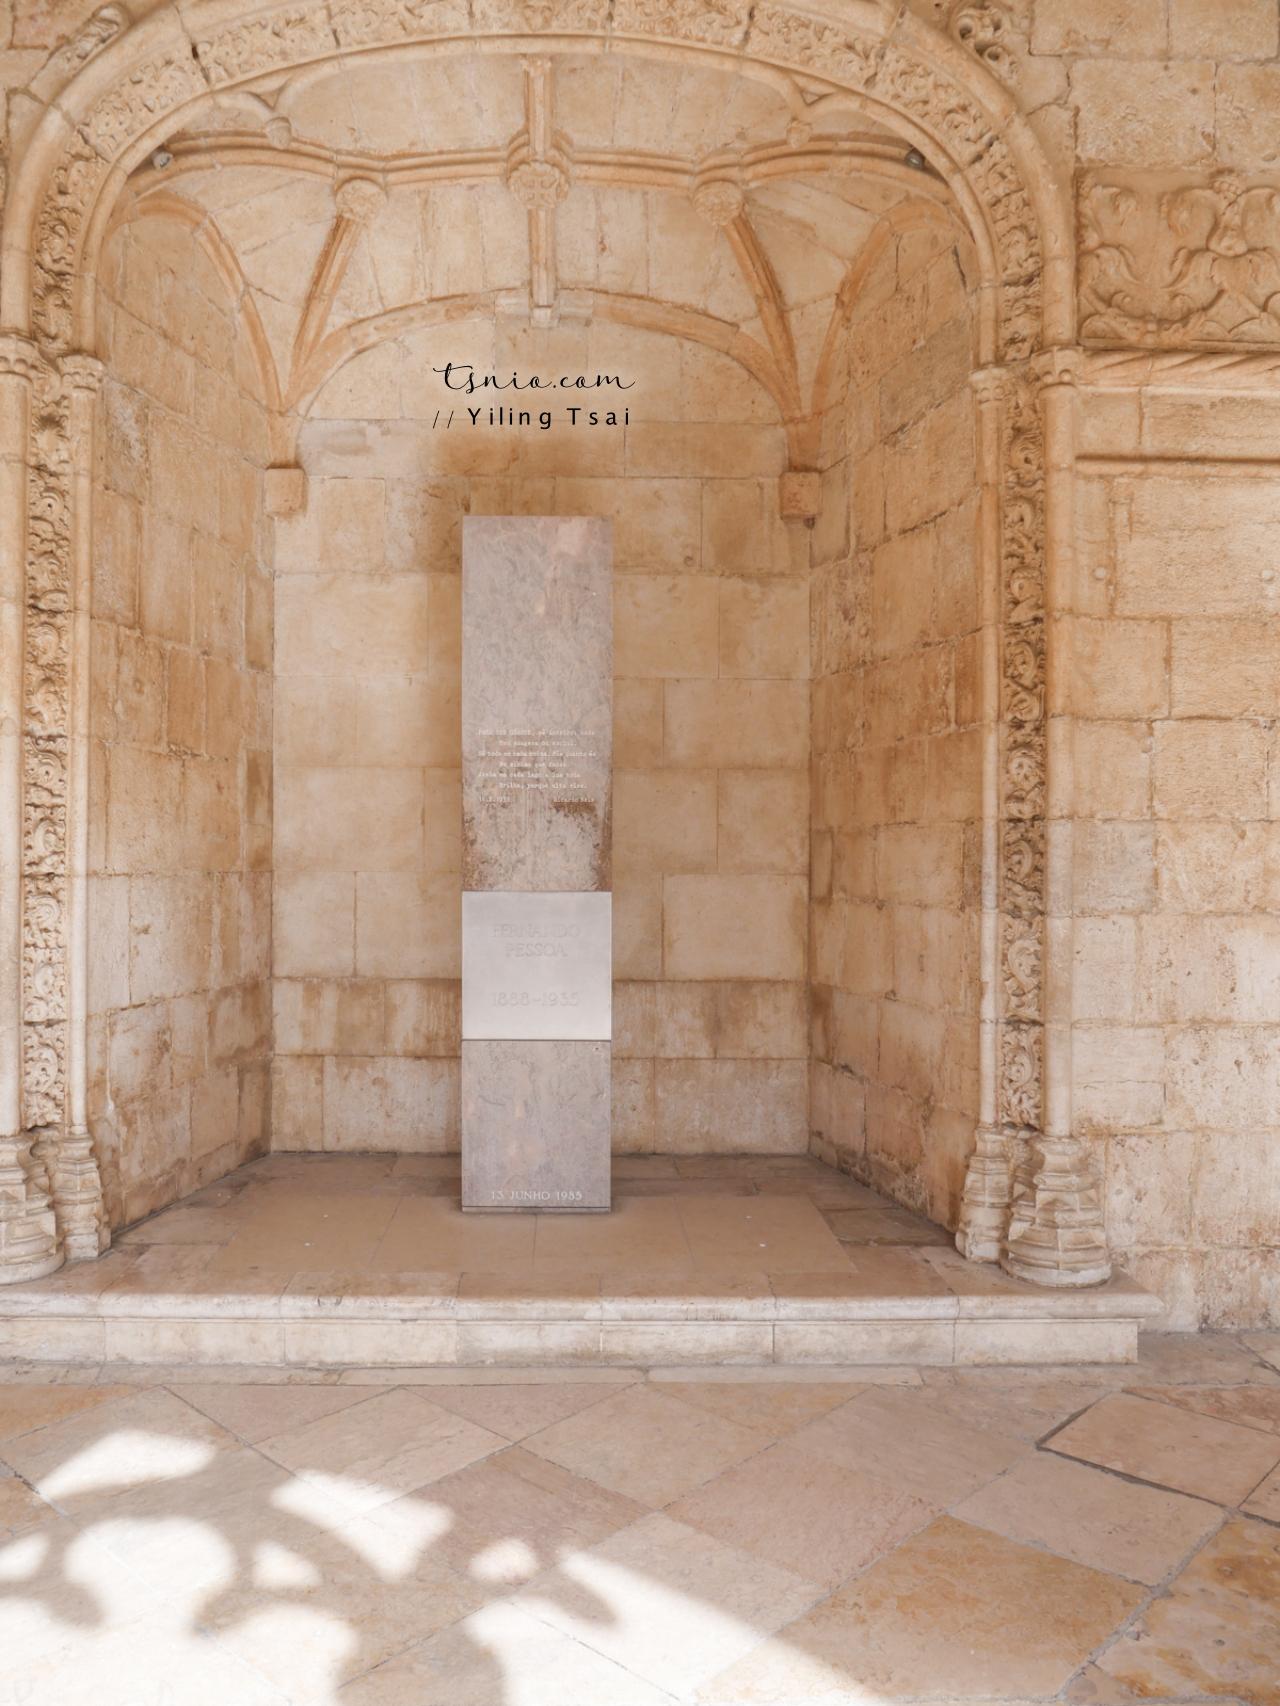 葡萄牙里斯本景點 Mosteiro dos Jerónimos 熱羅尼莫斯修道院 葡萄牙 16 世紀建築傑作